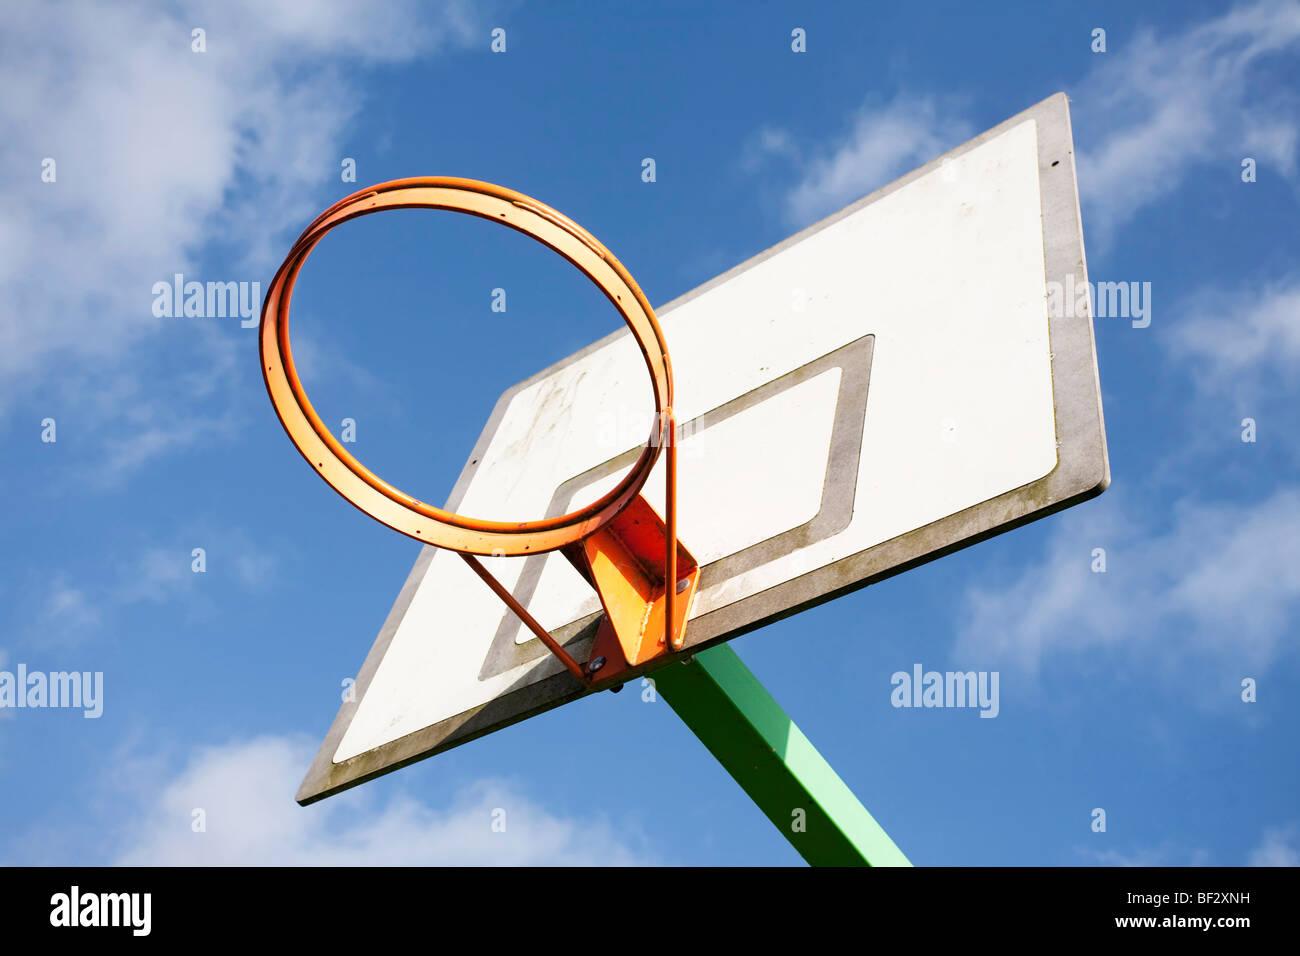 Panier de basket-ball contre un ciel bleu et nuages blancs Photo Stock